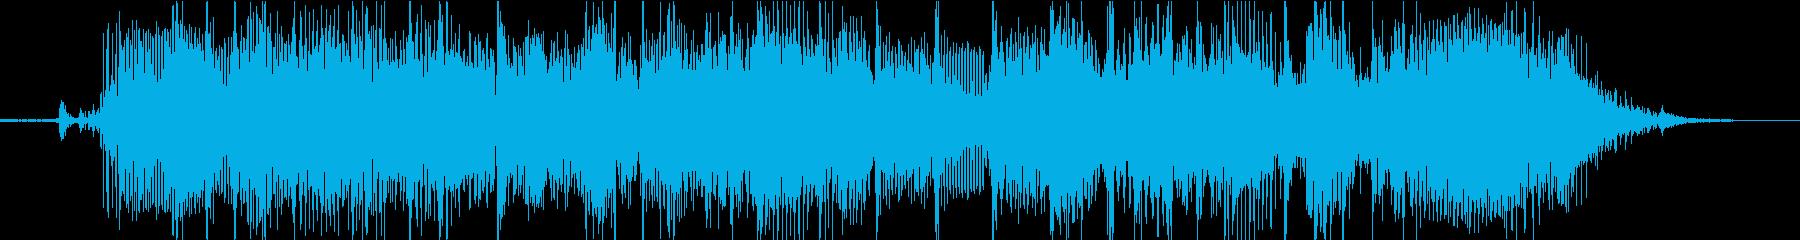 ロックテイストの転換ジングルの再生済みの波形